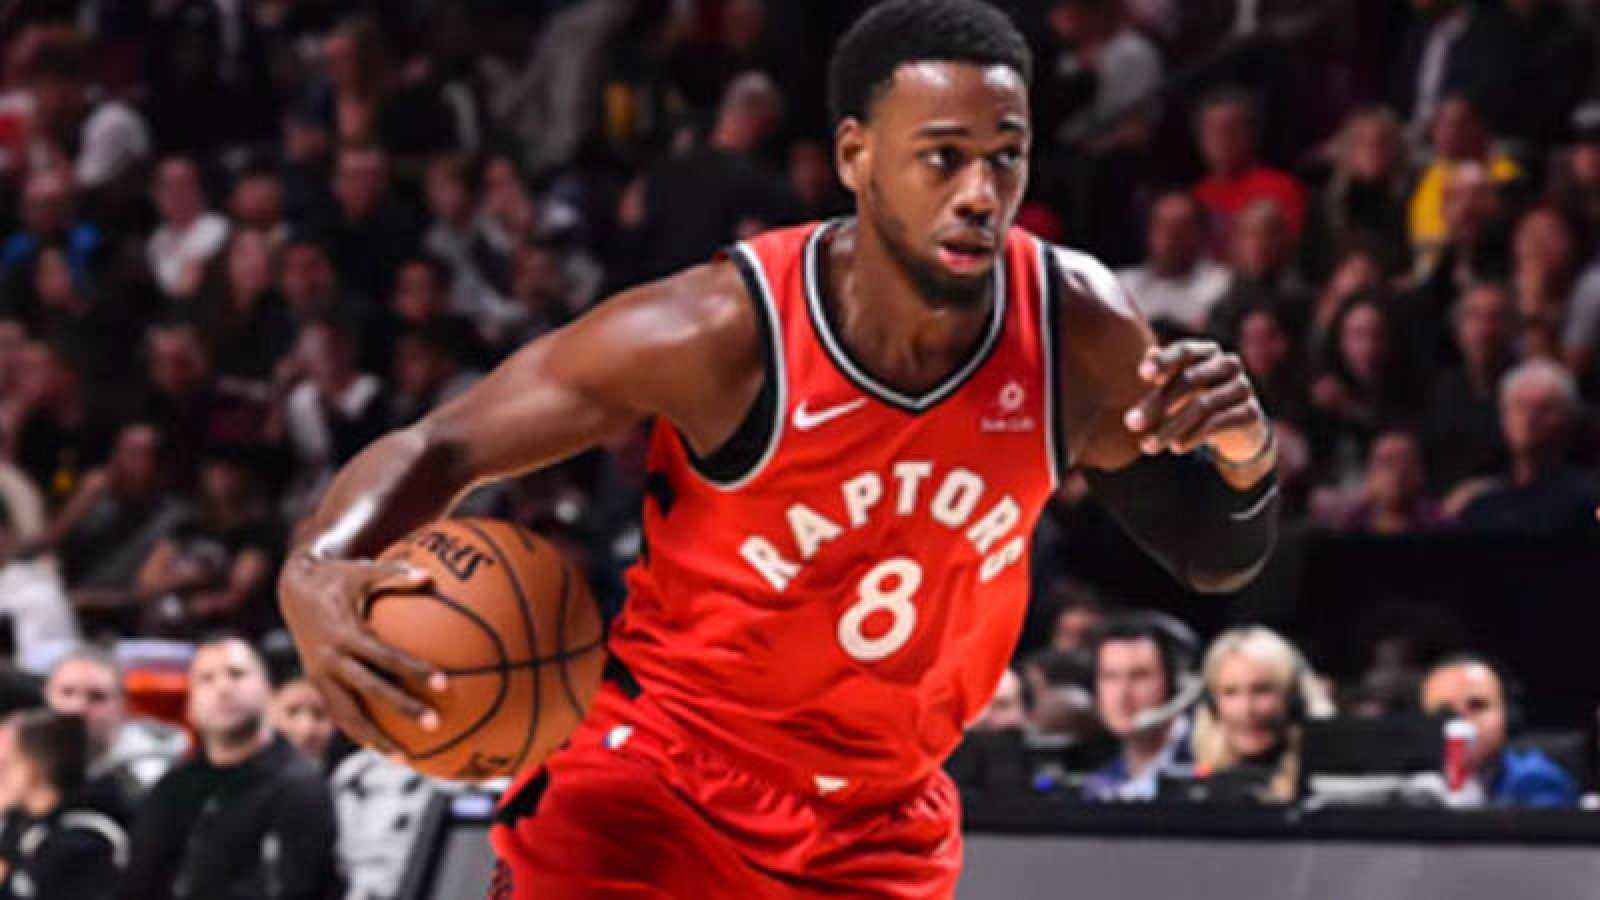 El Valencia Basket ha fichado al estadounidense Jordan Loyd, que la pasada temporada formó parte de los Toronto Raptors, campeones de la NBA.